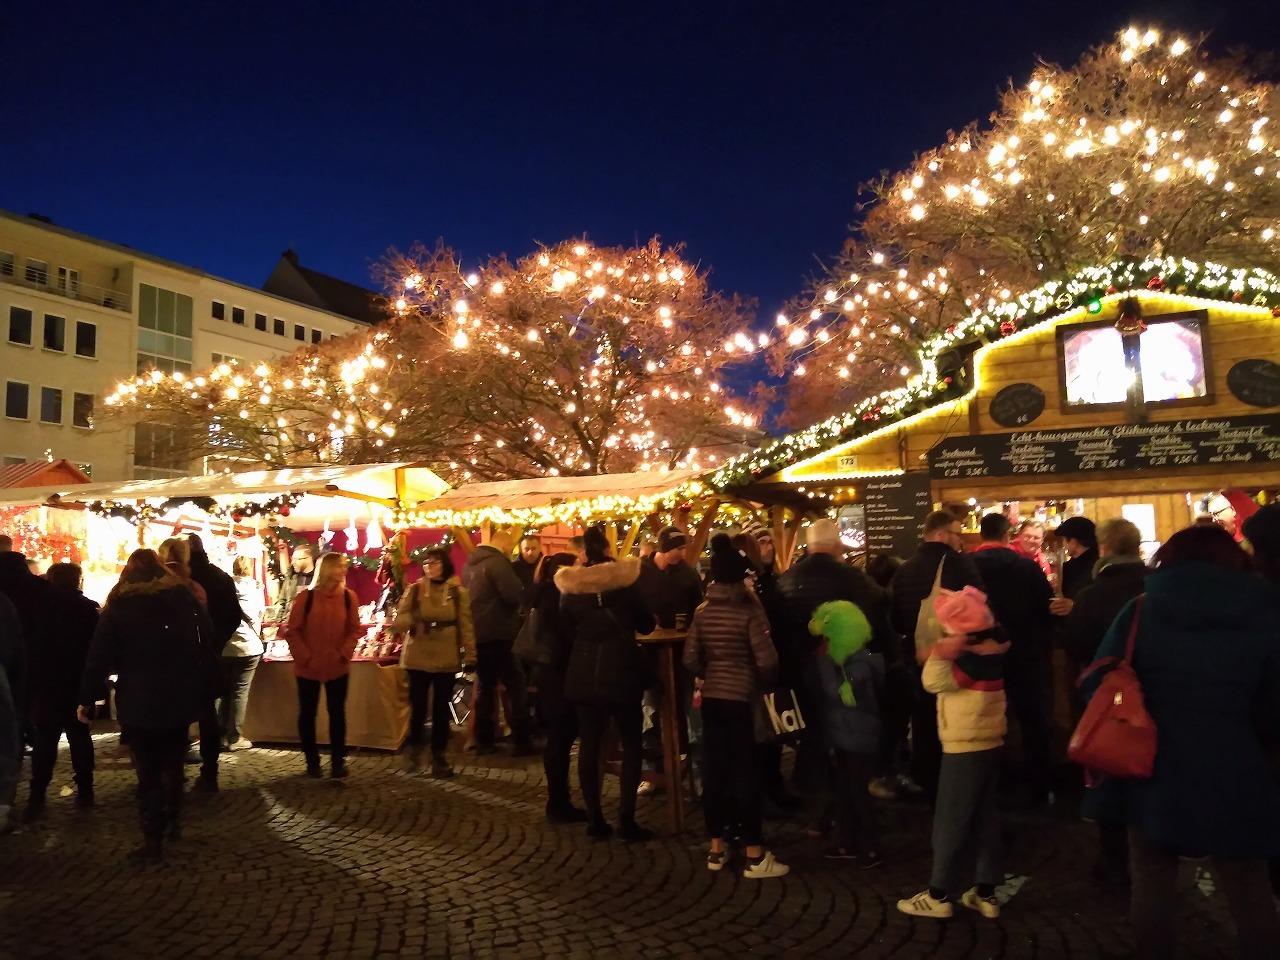 ドイツのクリスマスと日本の正月 02_a0355629_10001420.jpg